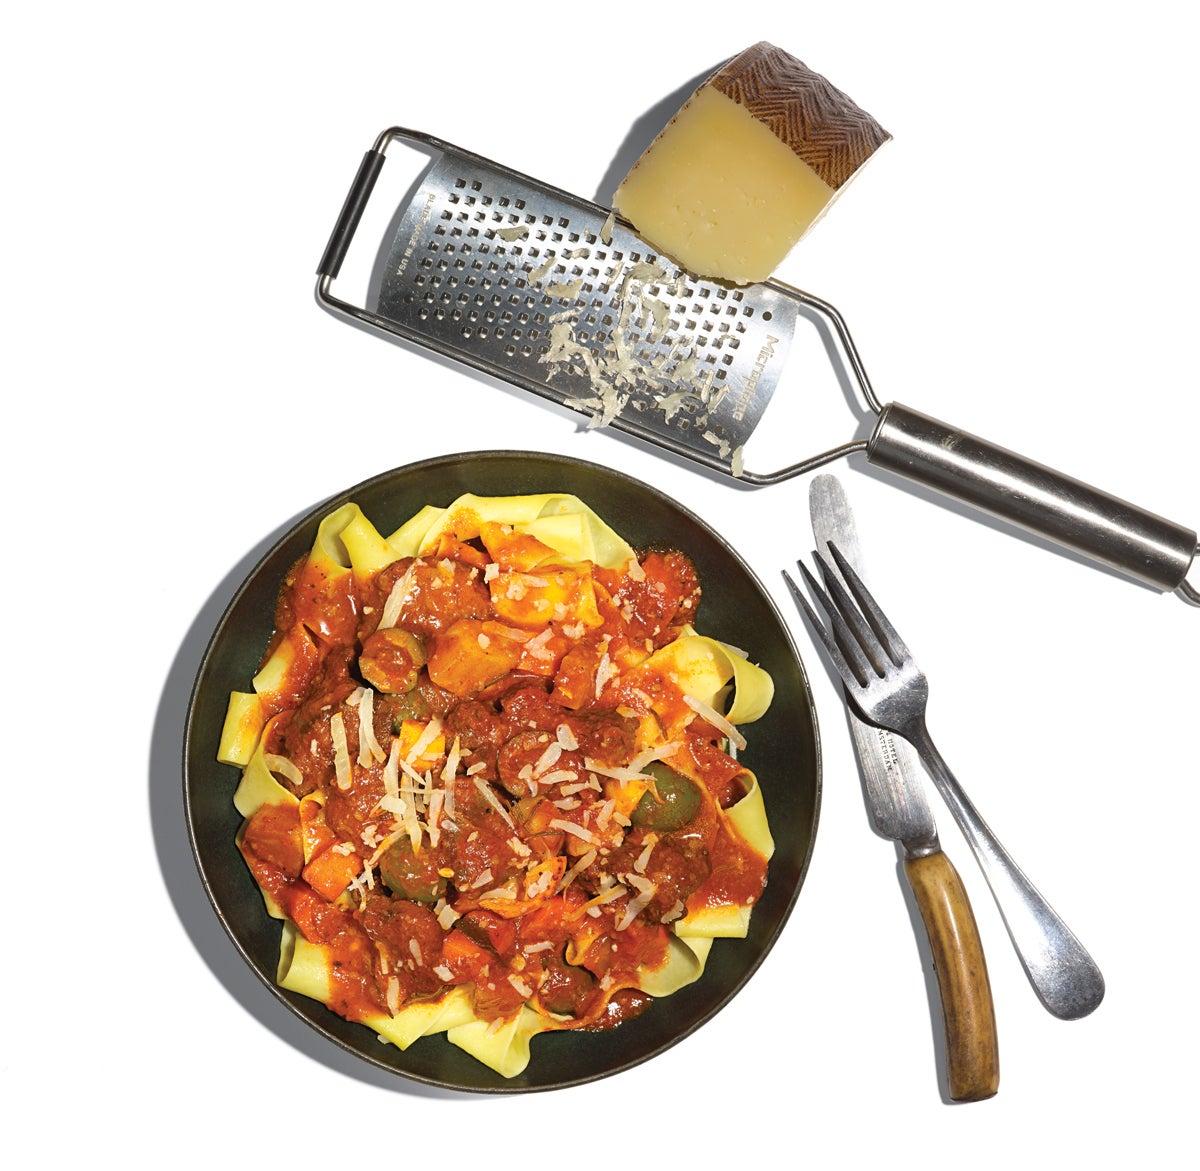 spring venison recipe, spring venison, venison pasta recipe, venison pasta,